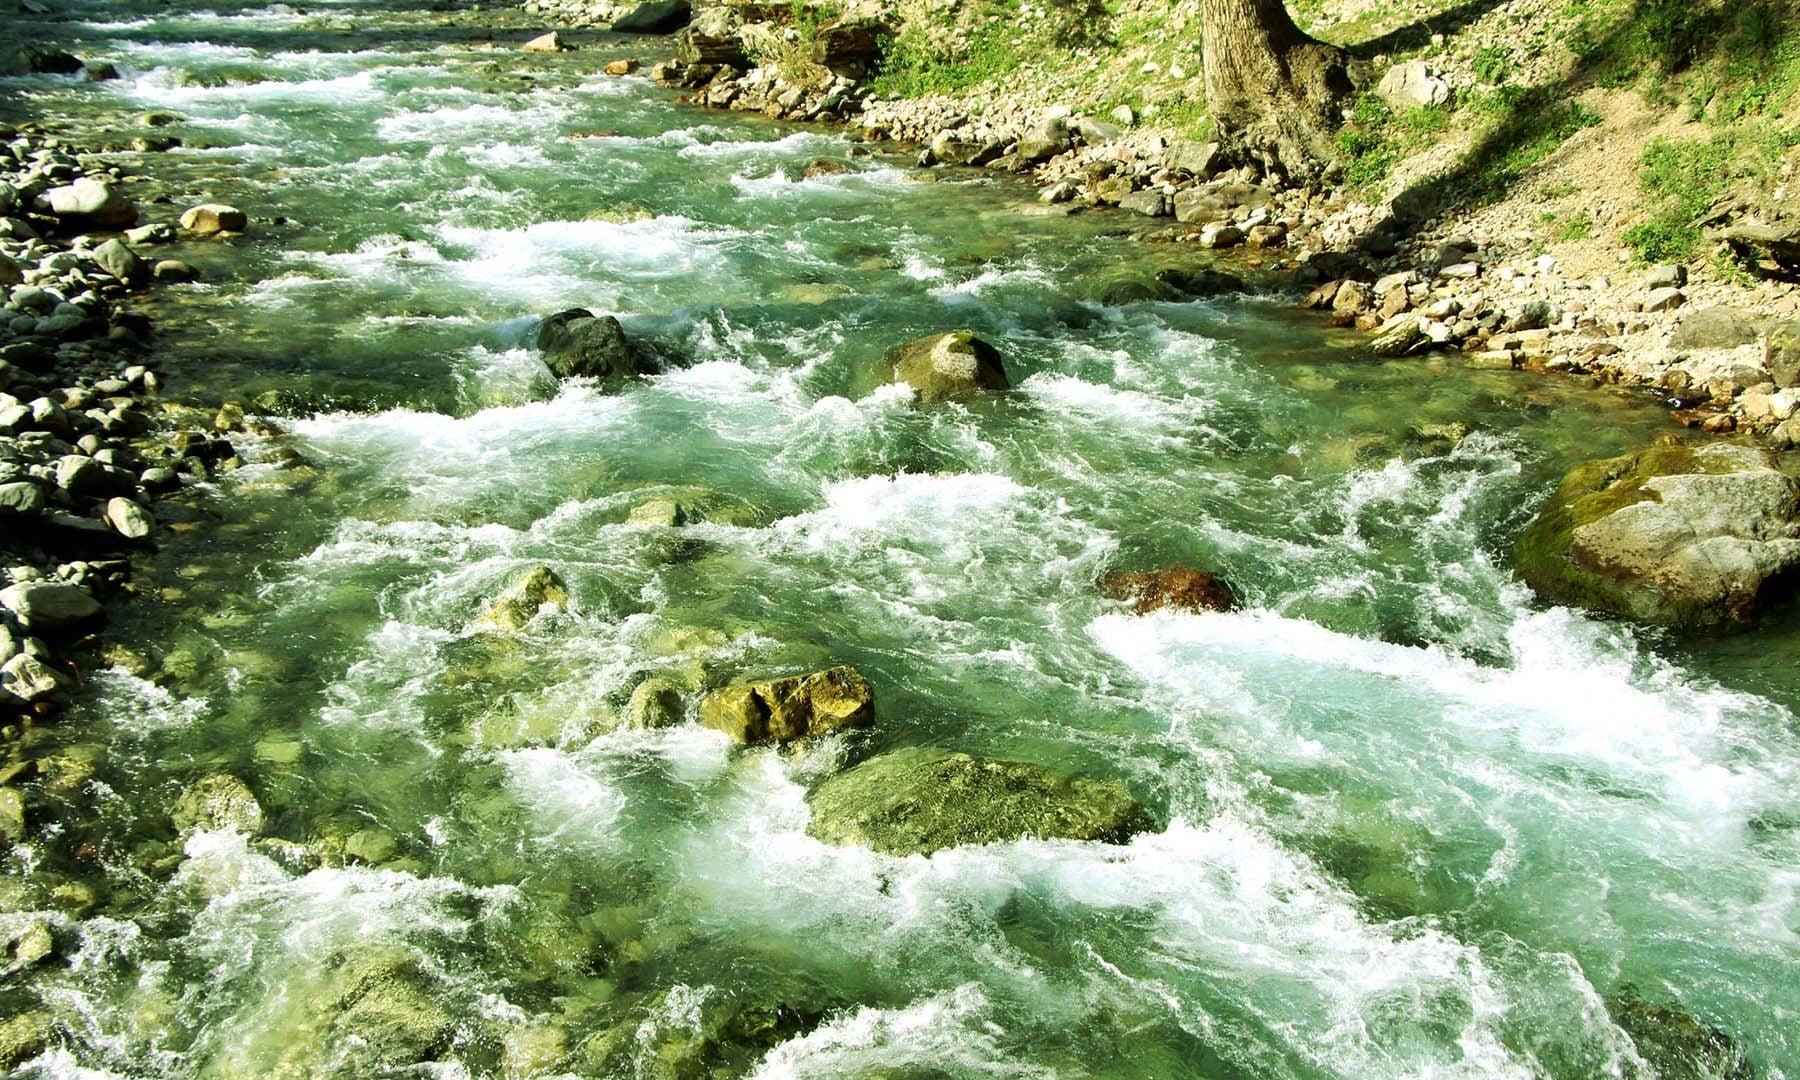 کُو جھیل اور راستے میں مختلف جھرنوں کا پانی مل کر اس ندی کی شکل اختیار کرلیتا ہے—امجد علی سحاب